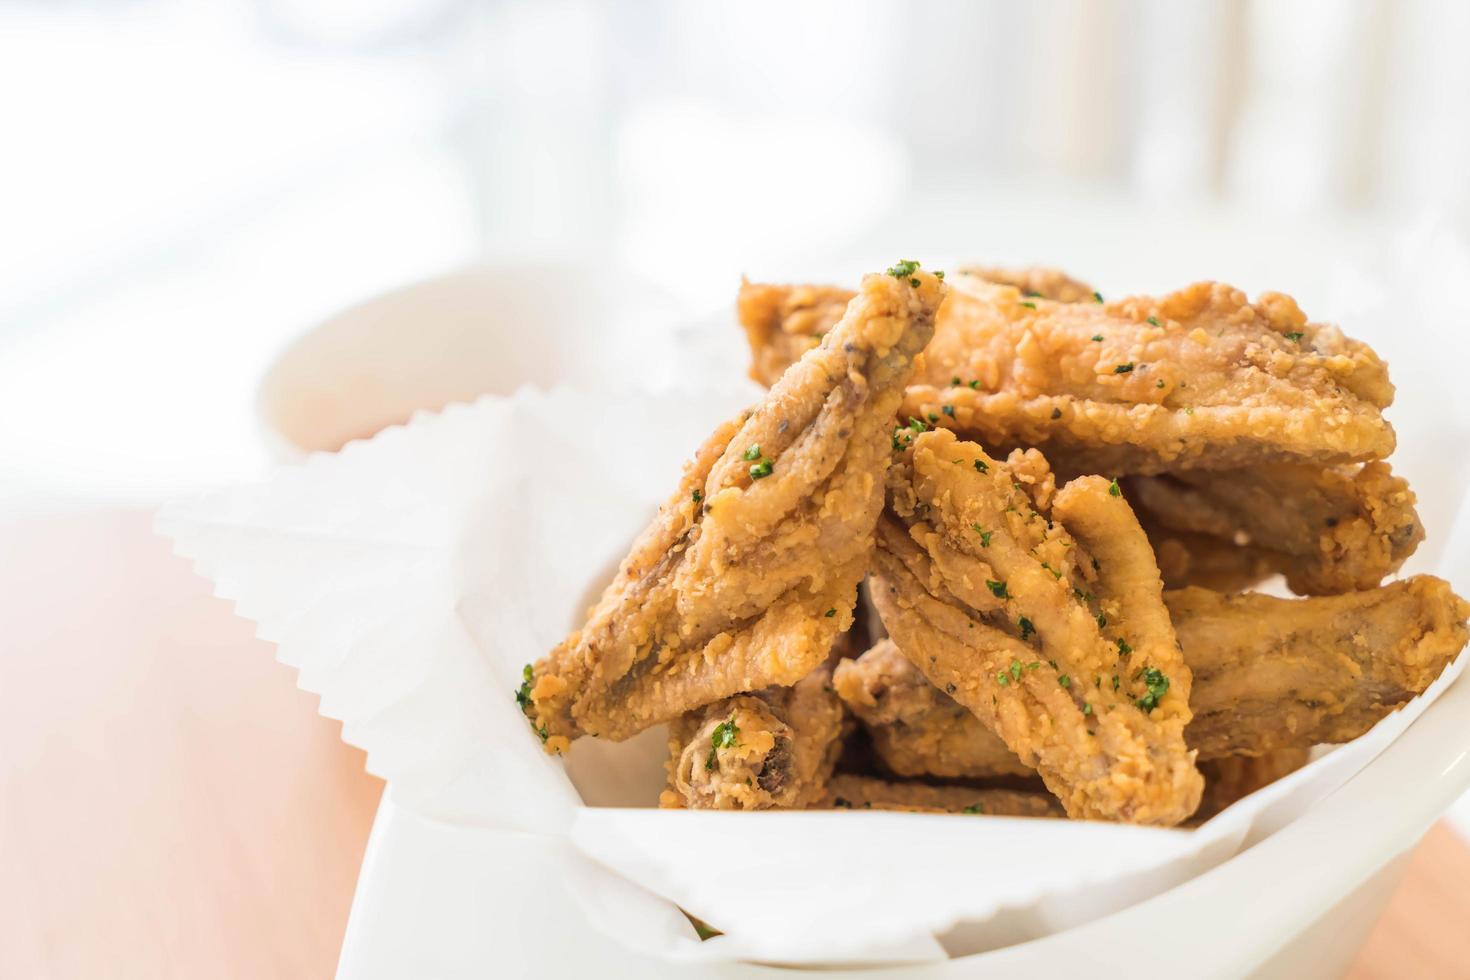 panier de poulet frit photo